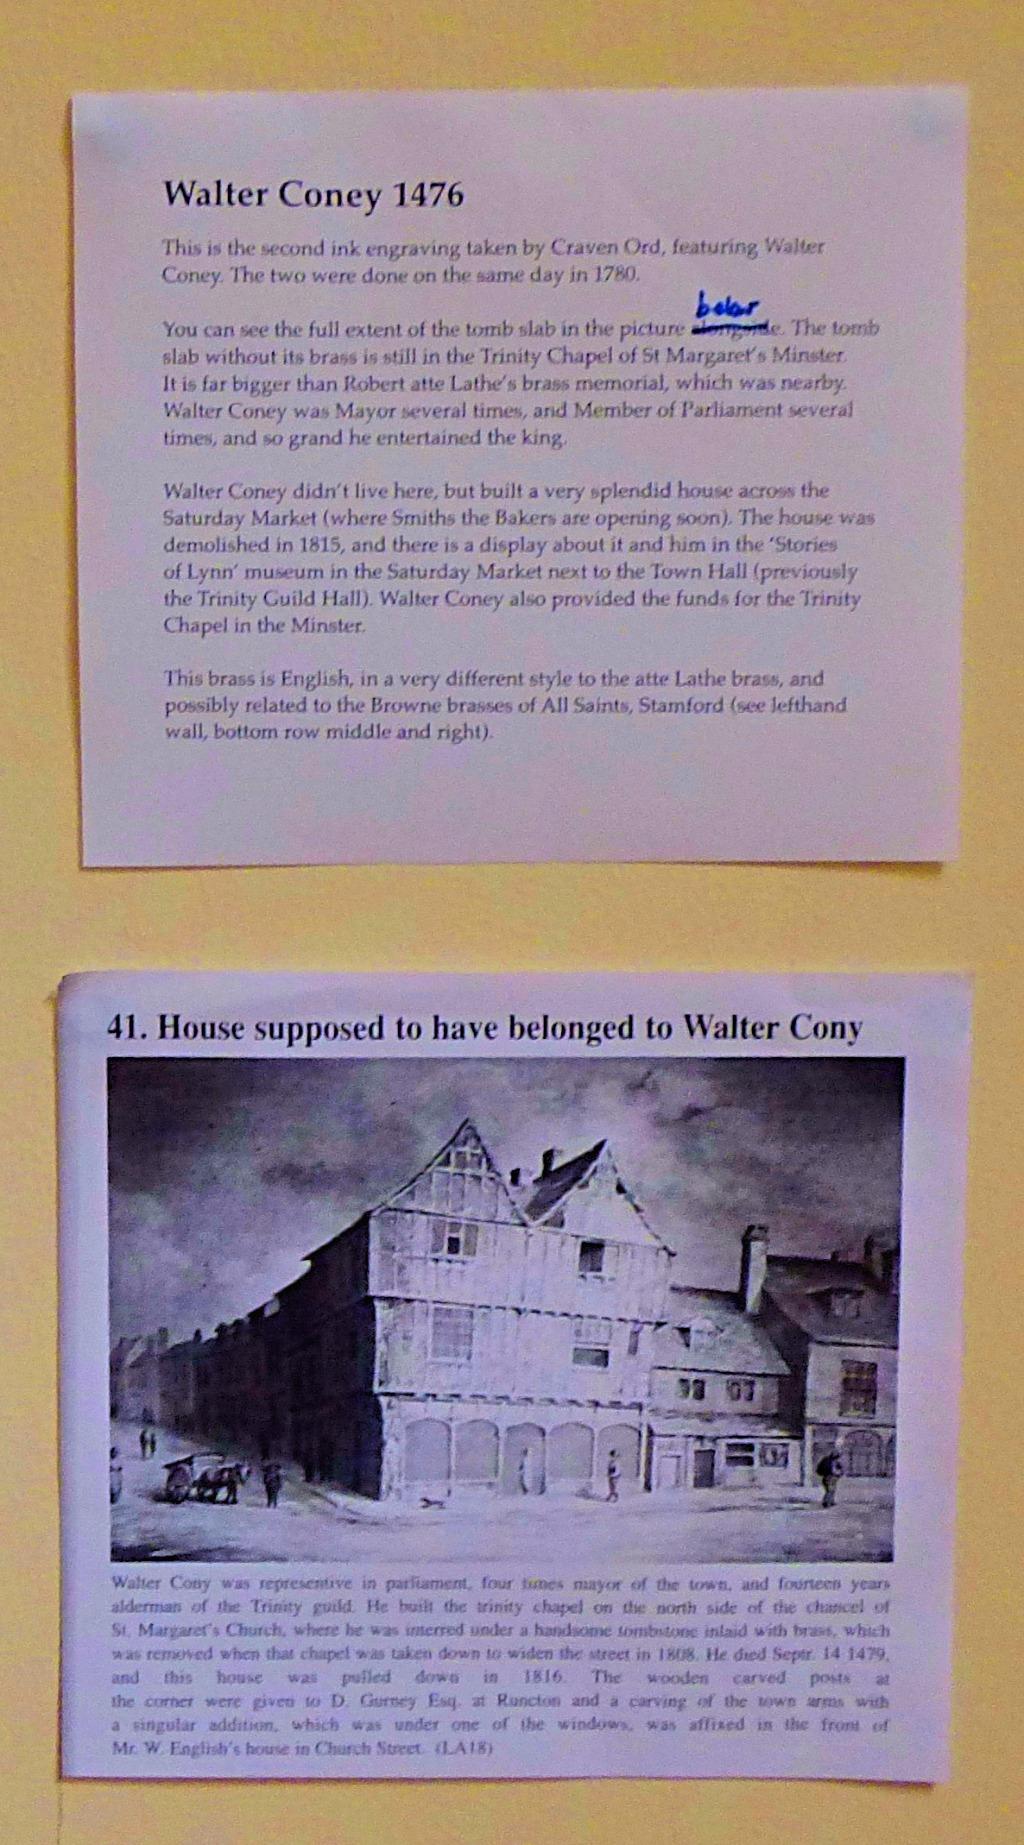 Walter Coney